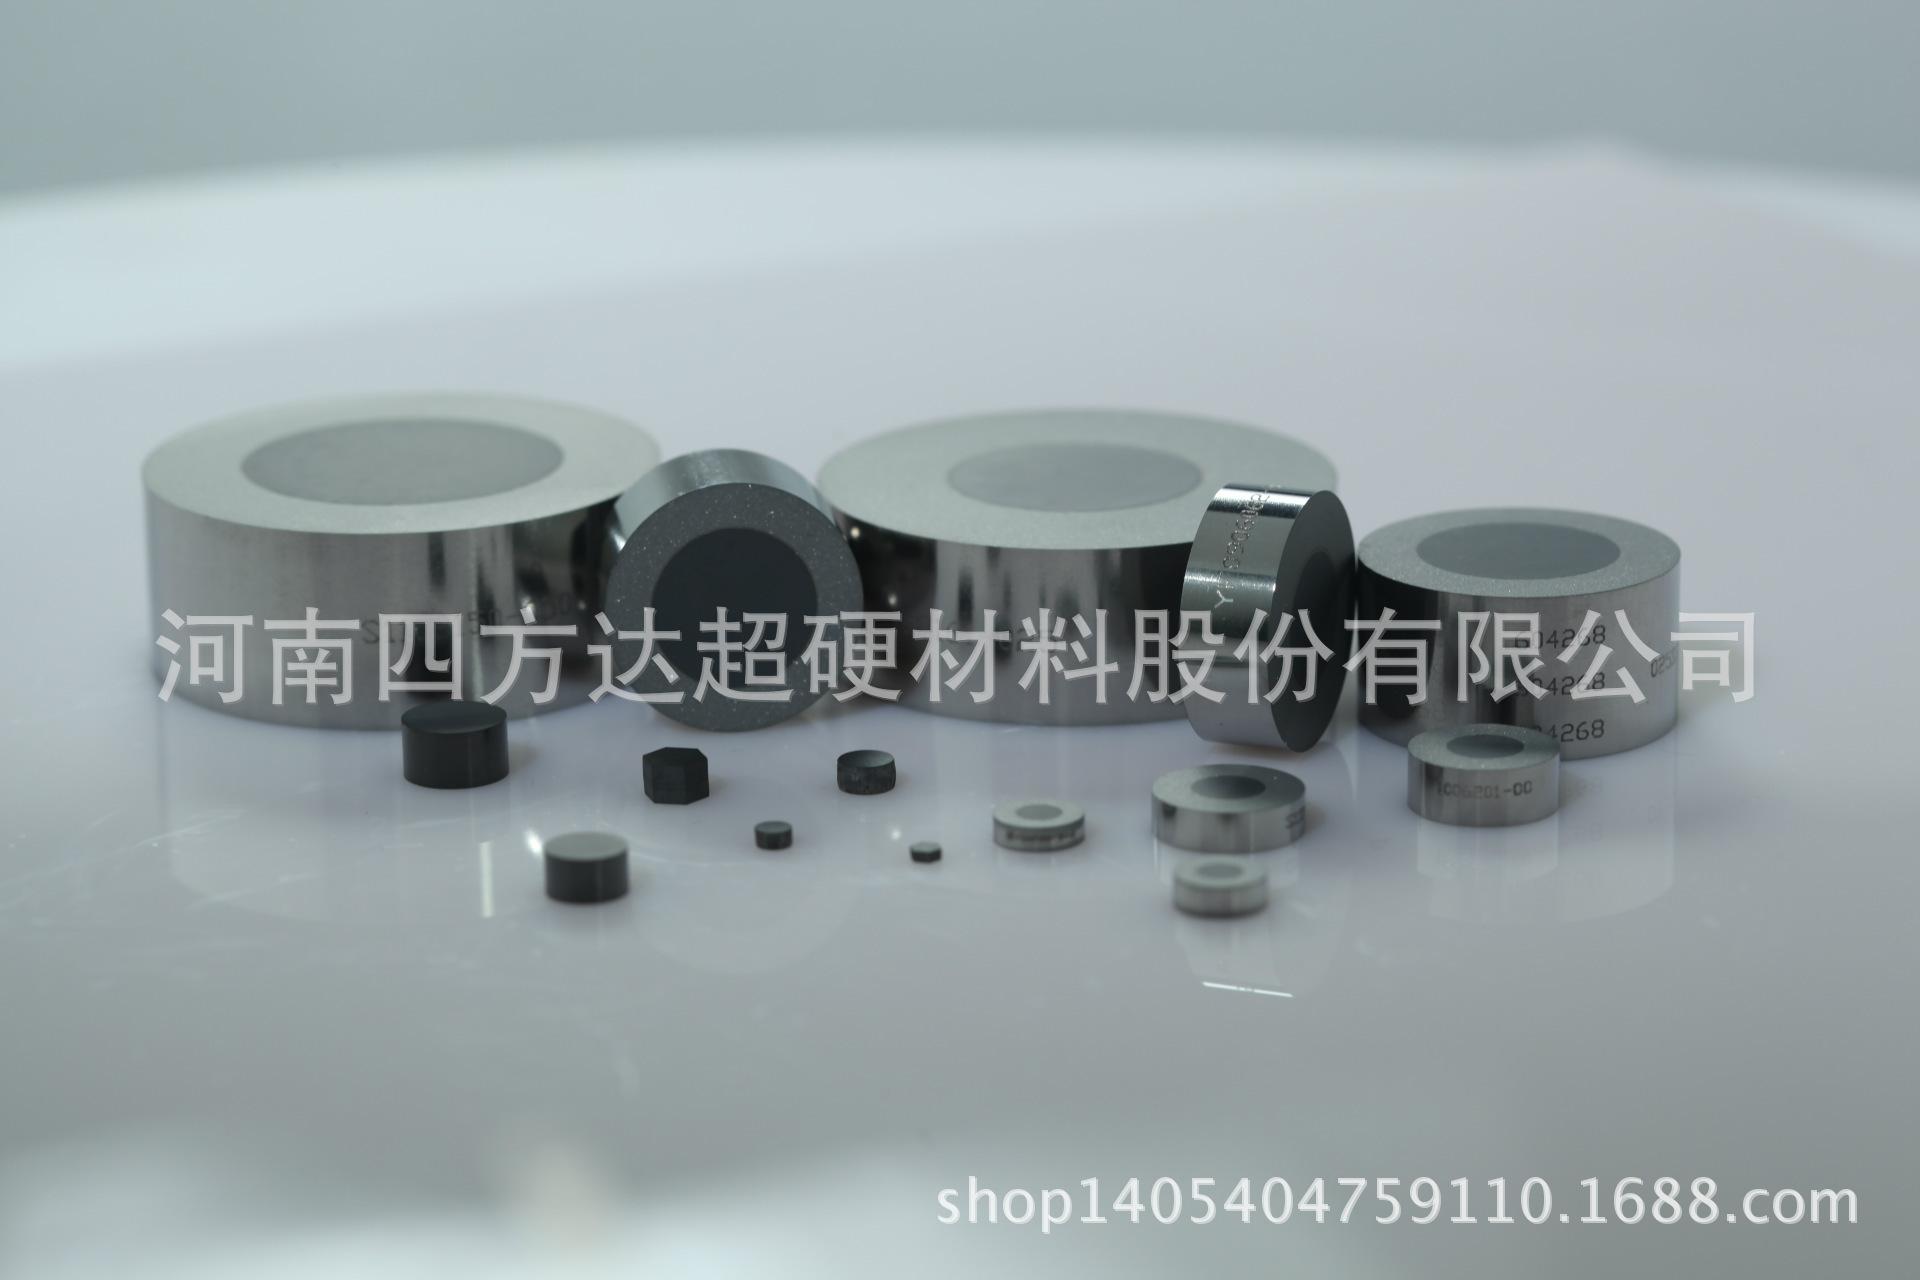 聚晶拉丝模 聚晶金刚石拉丝模芯 PCD 带支撑